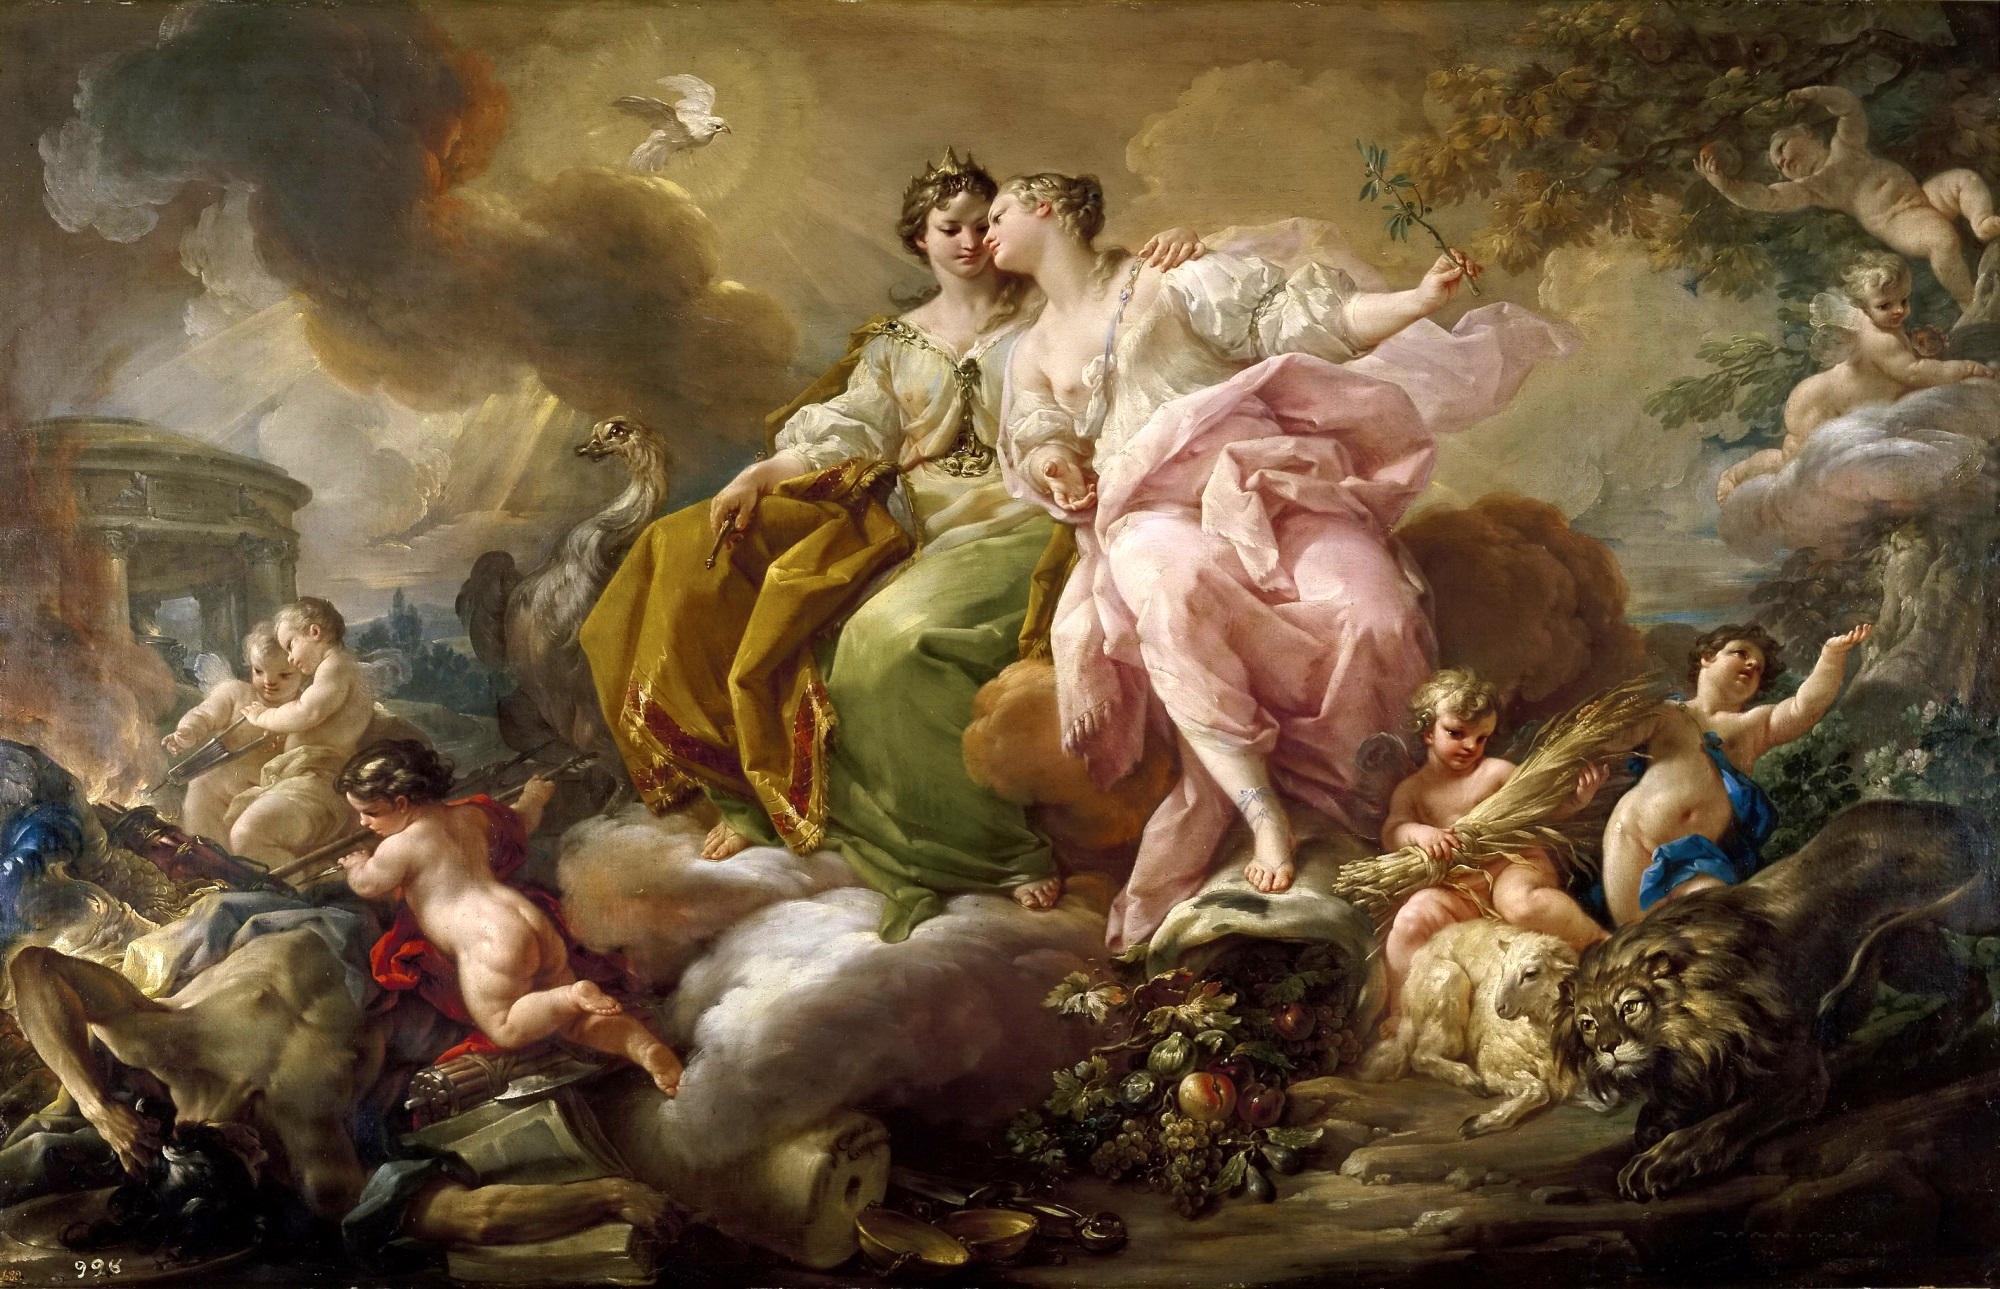 Filegiaquinto Corrado Justice And Peace 18th Centuryjpg